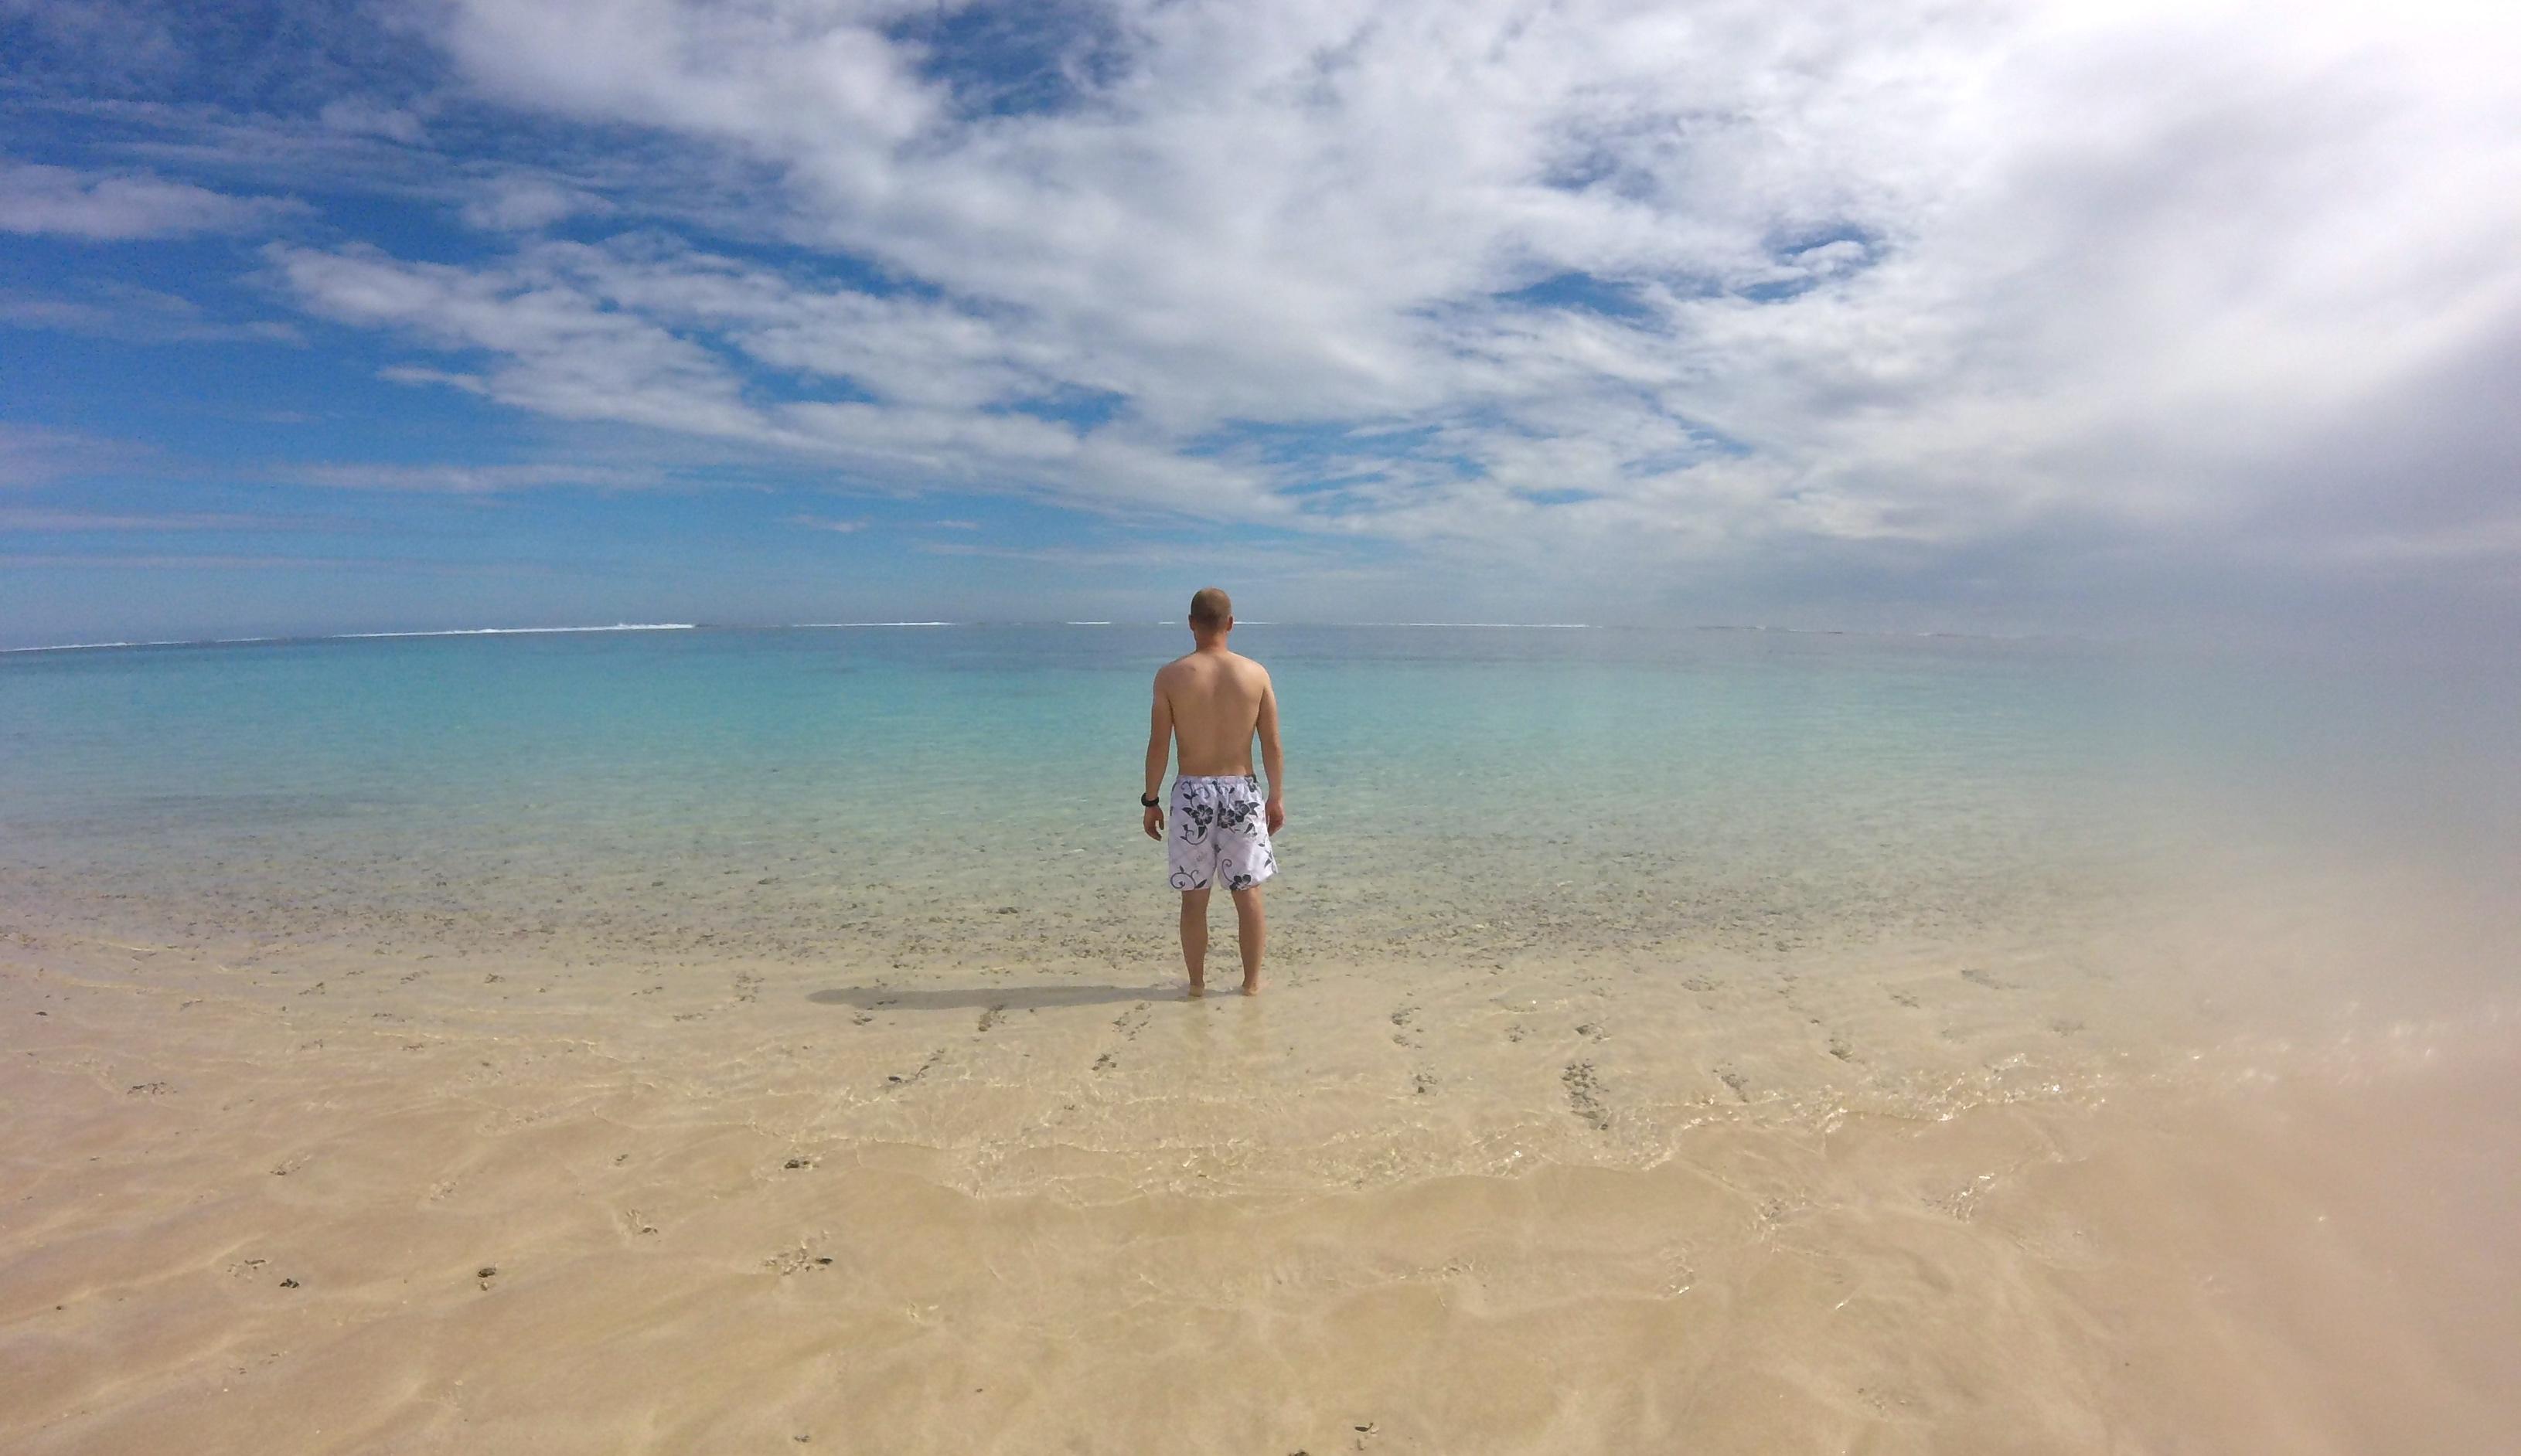 Voyages-et-compagnie.com - Blog voyage | Côte Ouest Australie - Coral Bay